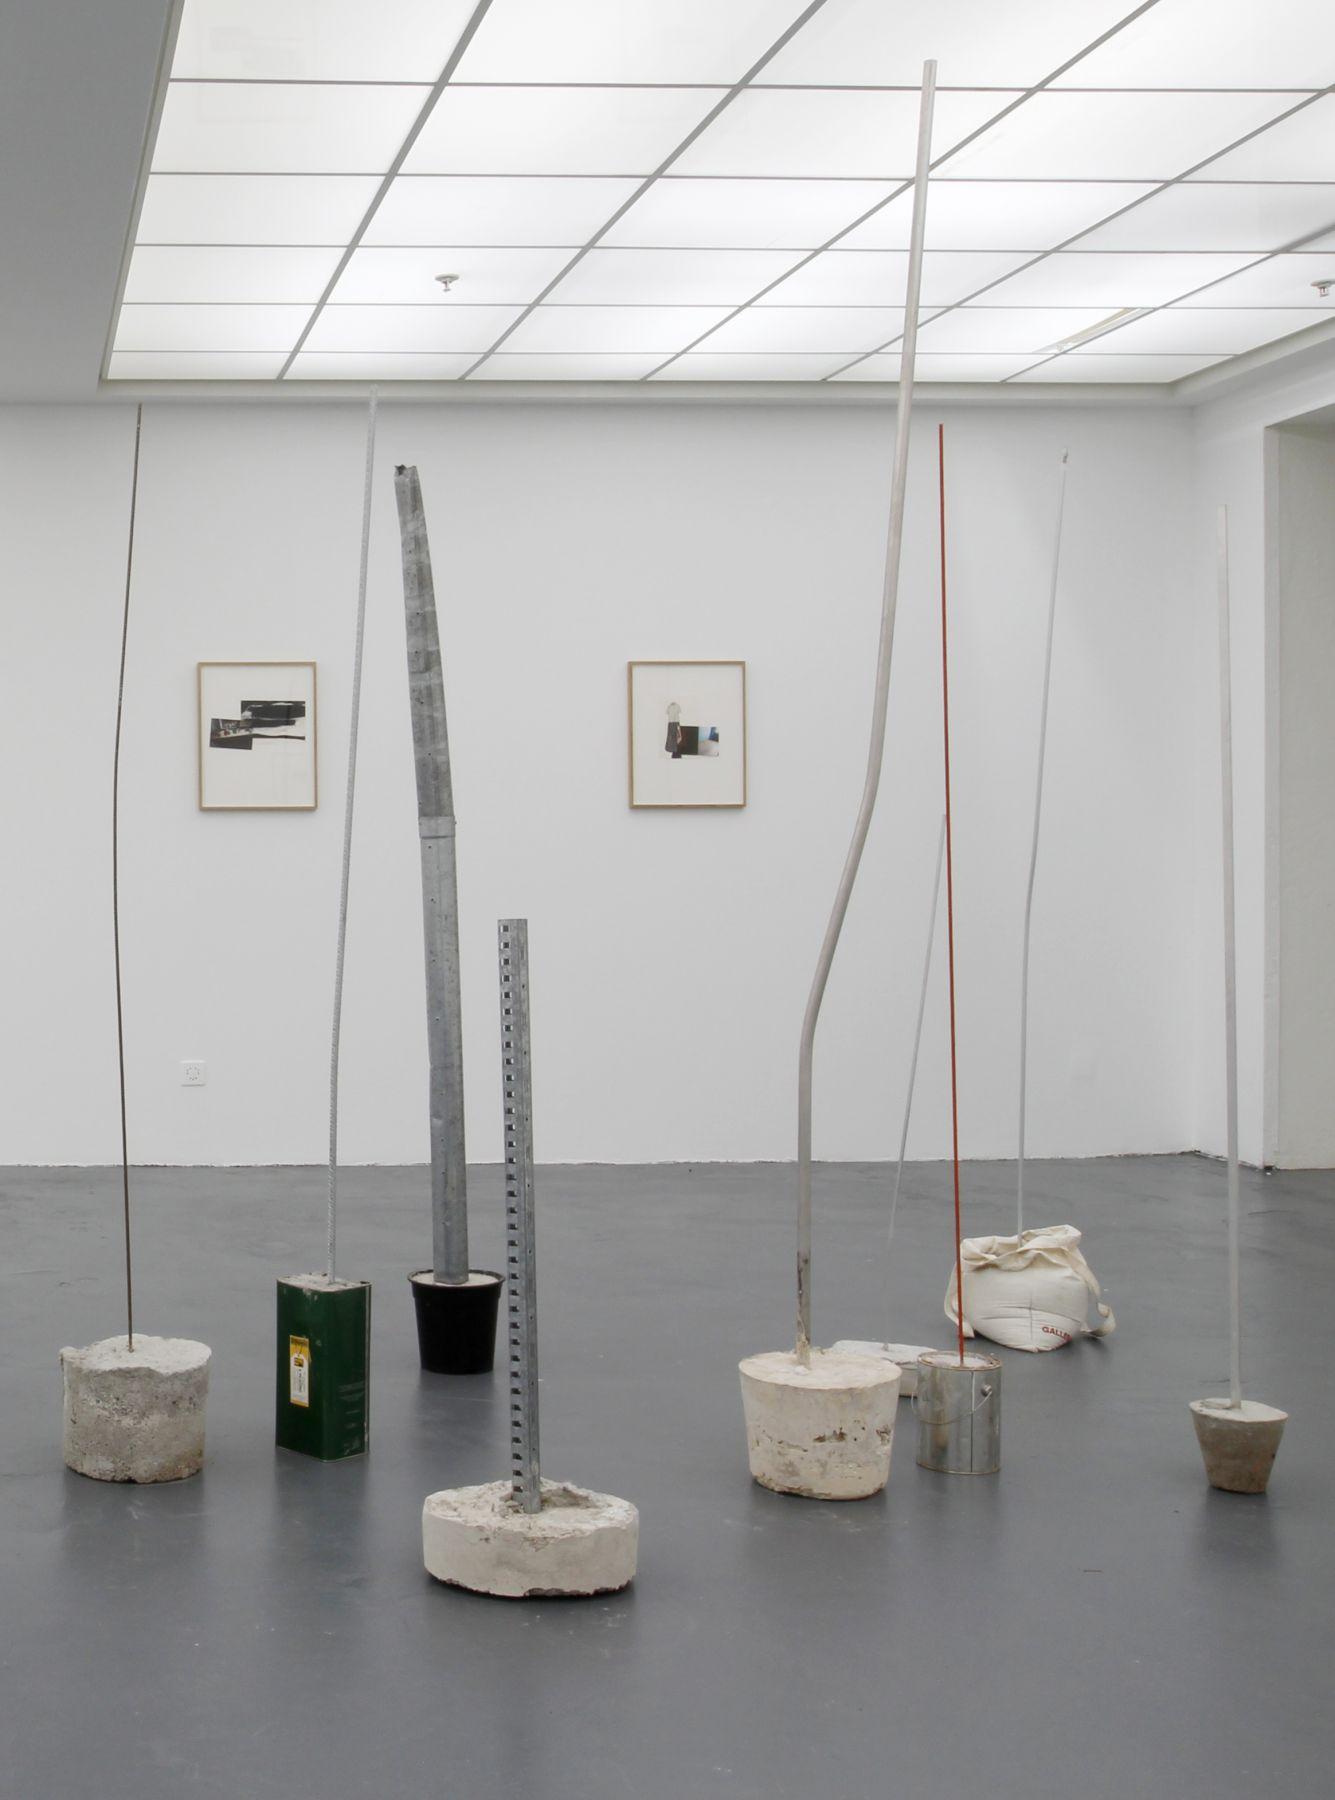 Silvia Bächli & EricHattan:Situer la différence, Centre culturel suisse, Paris